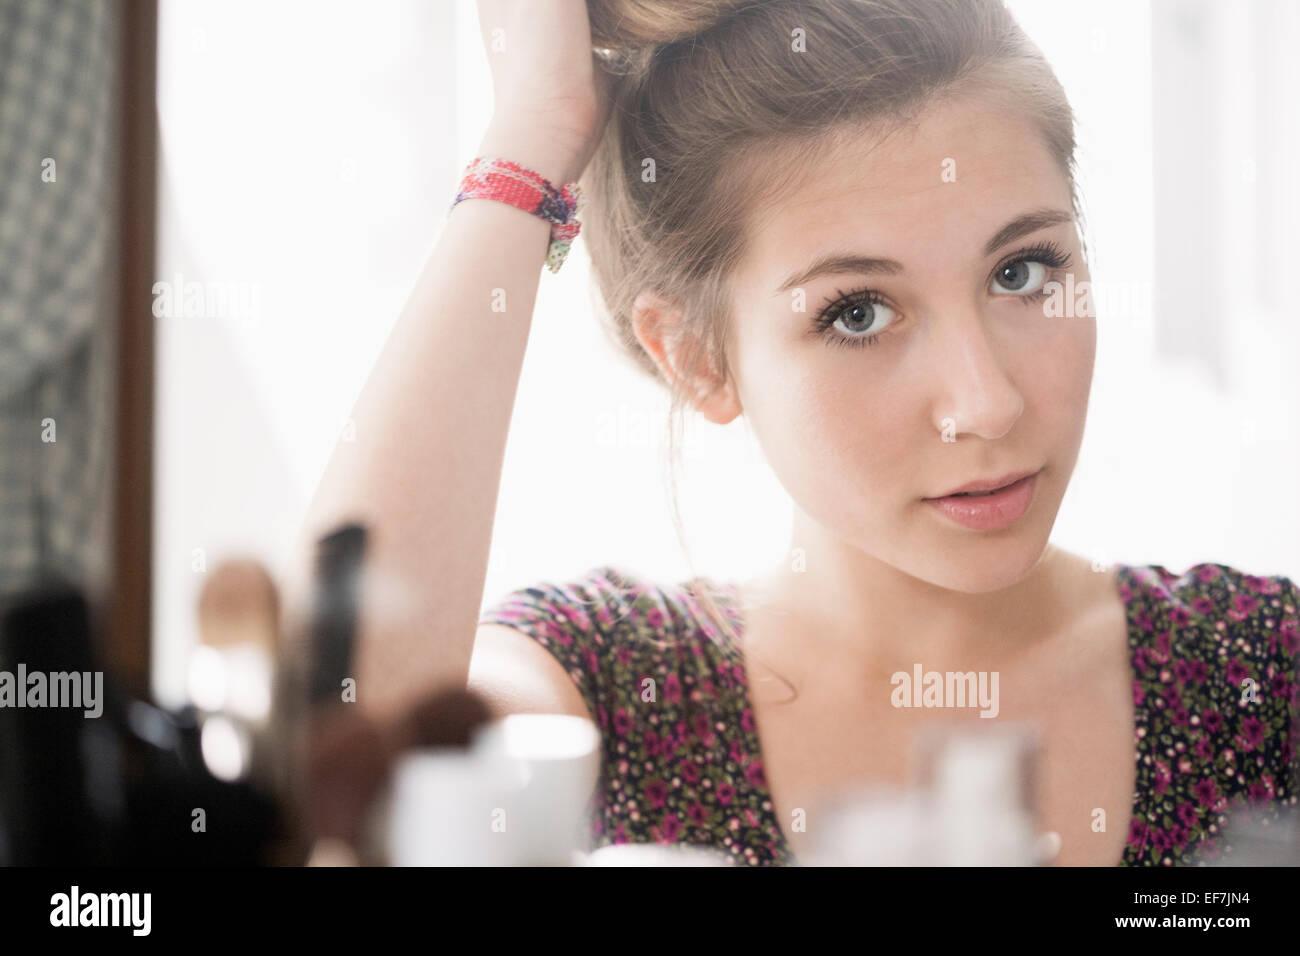 Ragazza adolescente guardando lo specchio Foto Stock